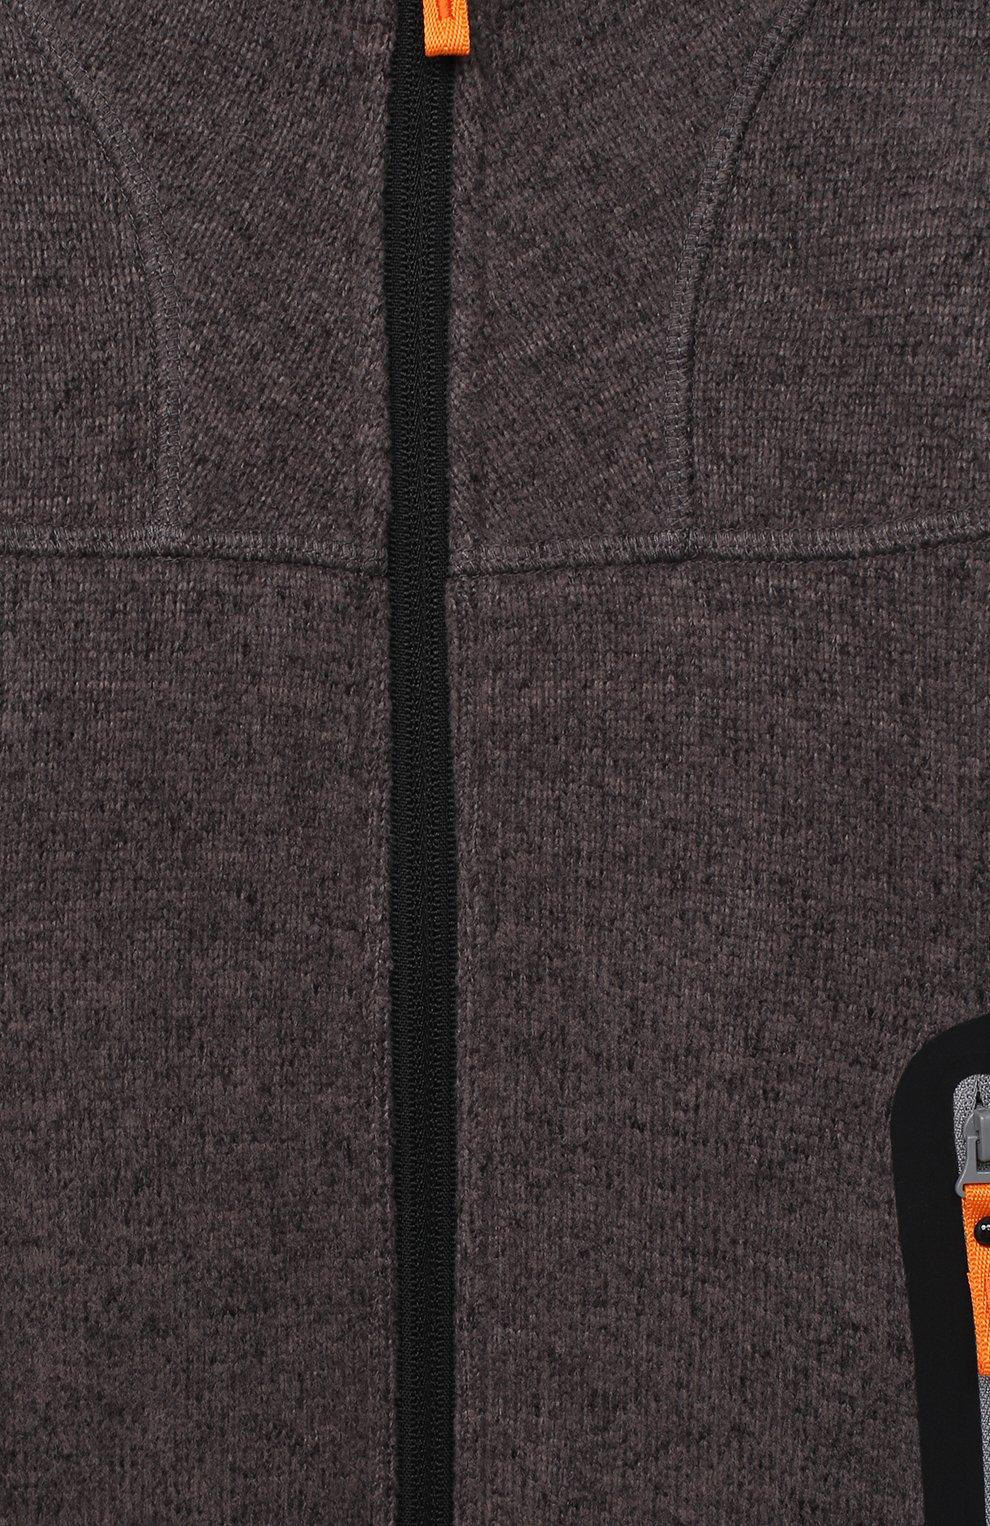 Детский толстовка NORVEG серого цвета, арт. 25FKKBS-003   Фото 3 (Рукава: Длинные; Мальчики Кросс-КТ: Толстовка-спорт; Материал внешний: Синтетический материал; Ростовка одежда: 4 года   104 см, 6 лет   116 см, 7 лет   122 см, 8 лет   128 см)